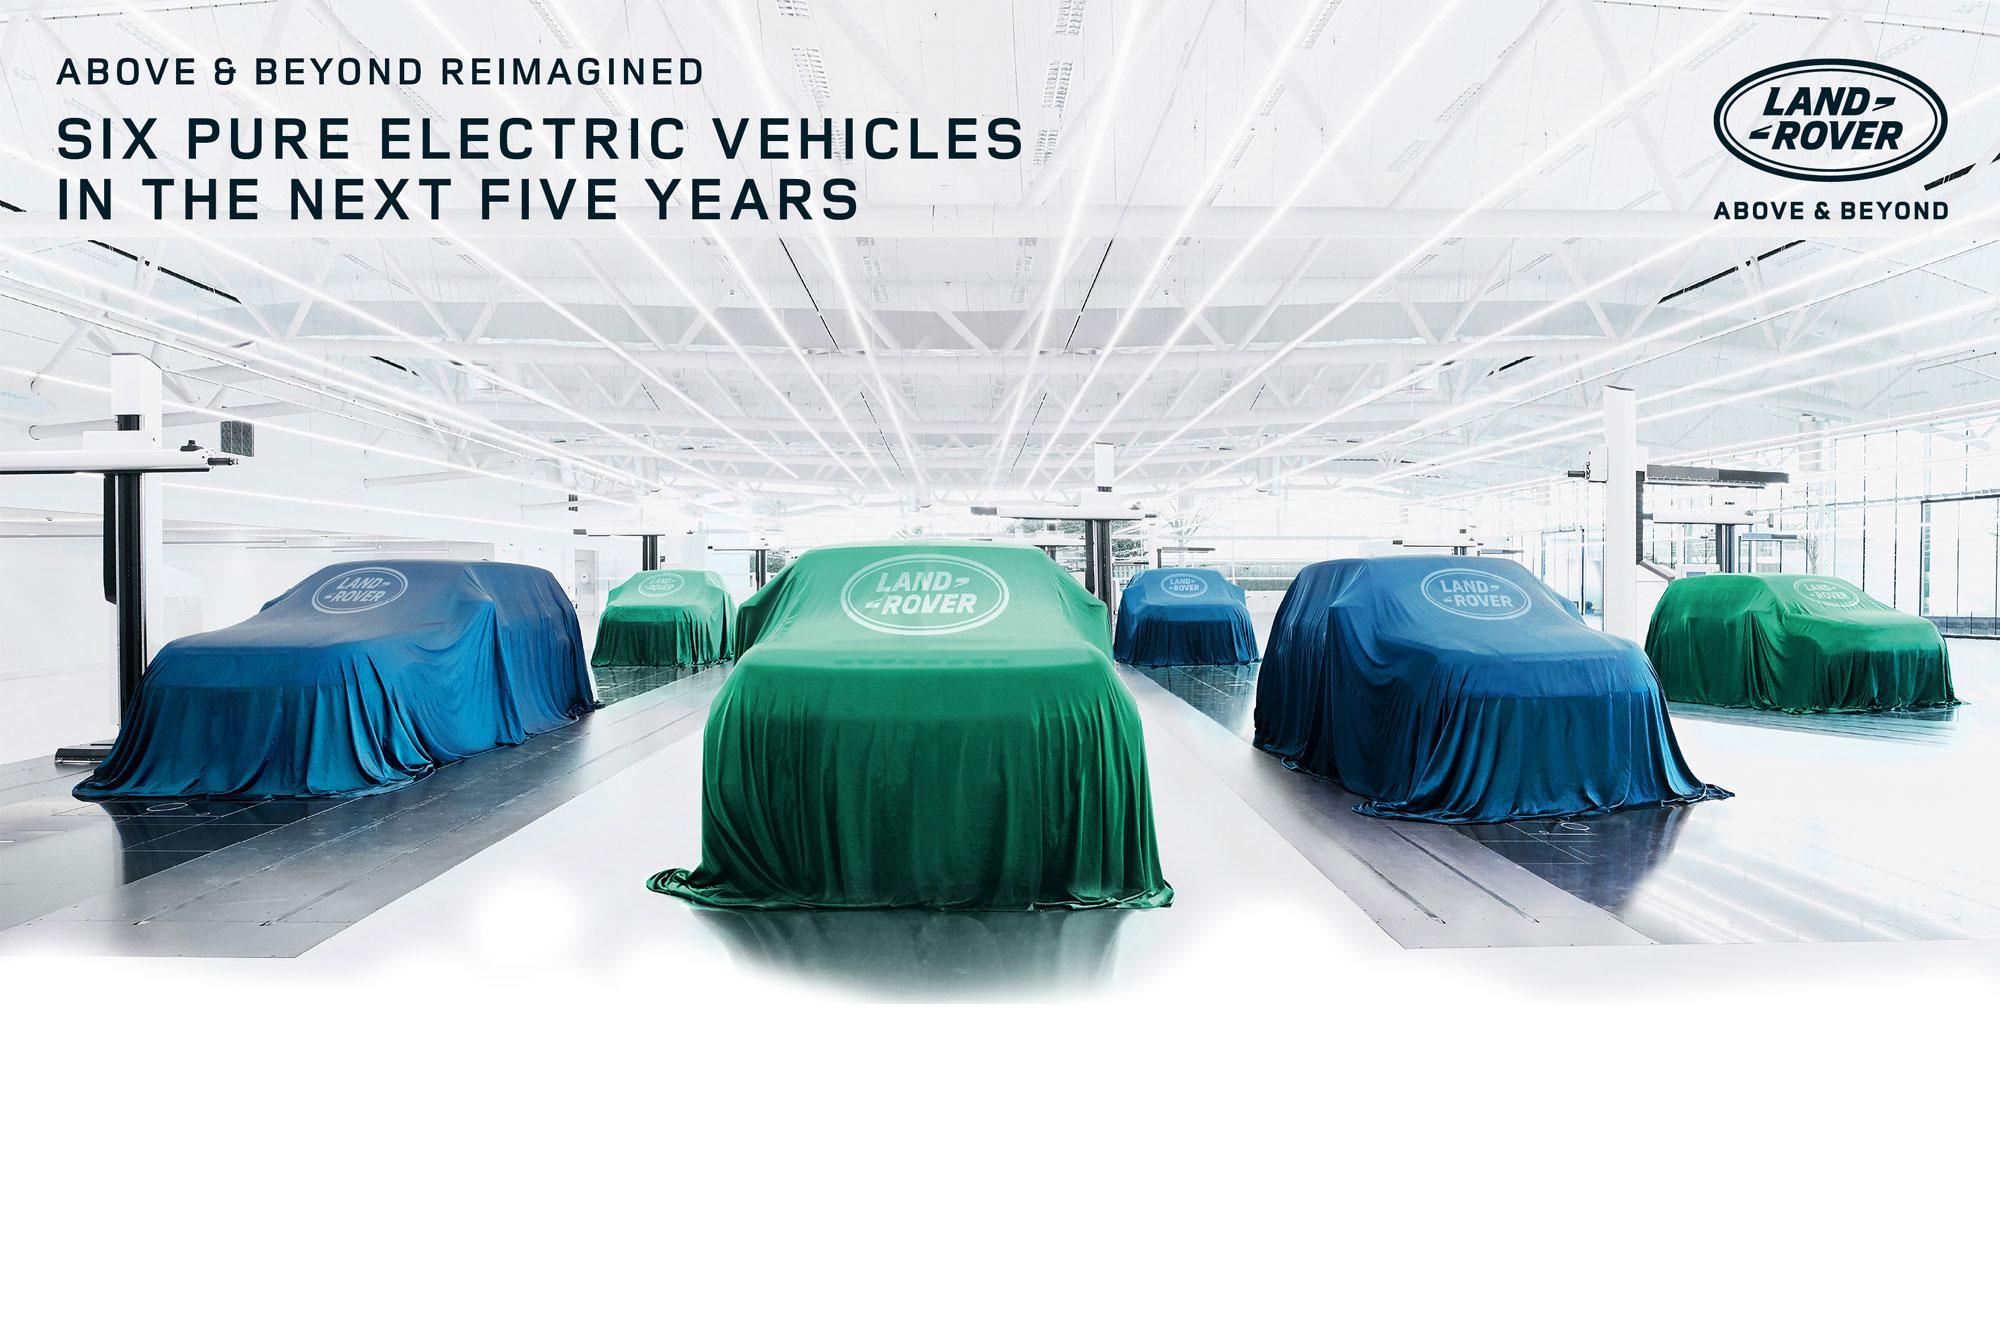 Reimagine από την Jaguar Land Rover